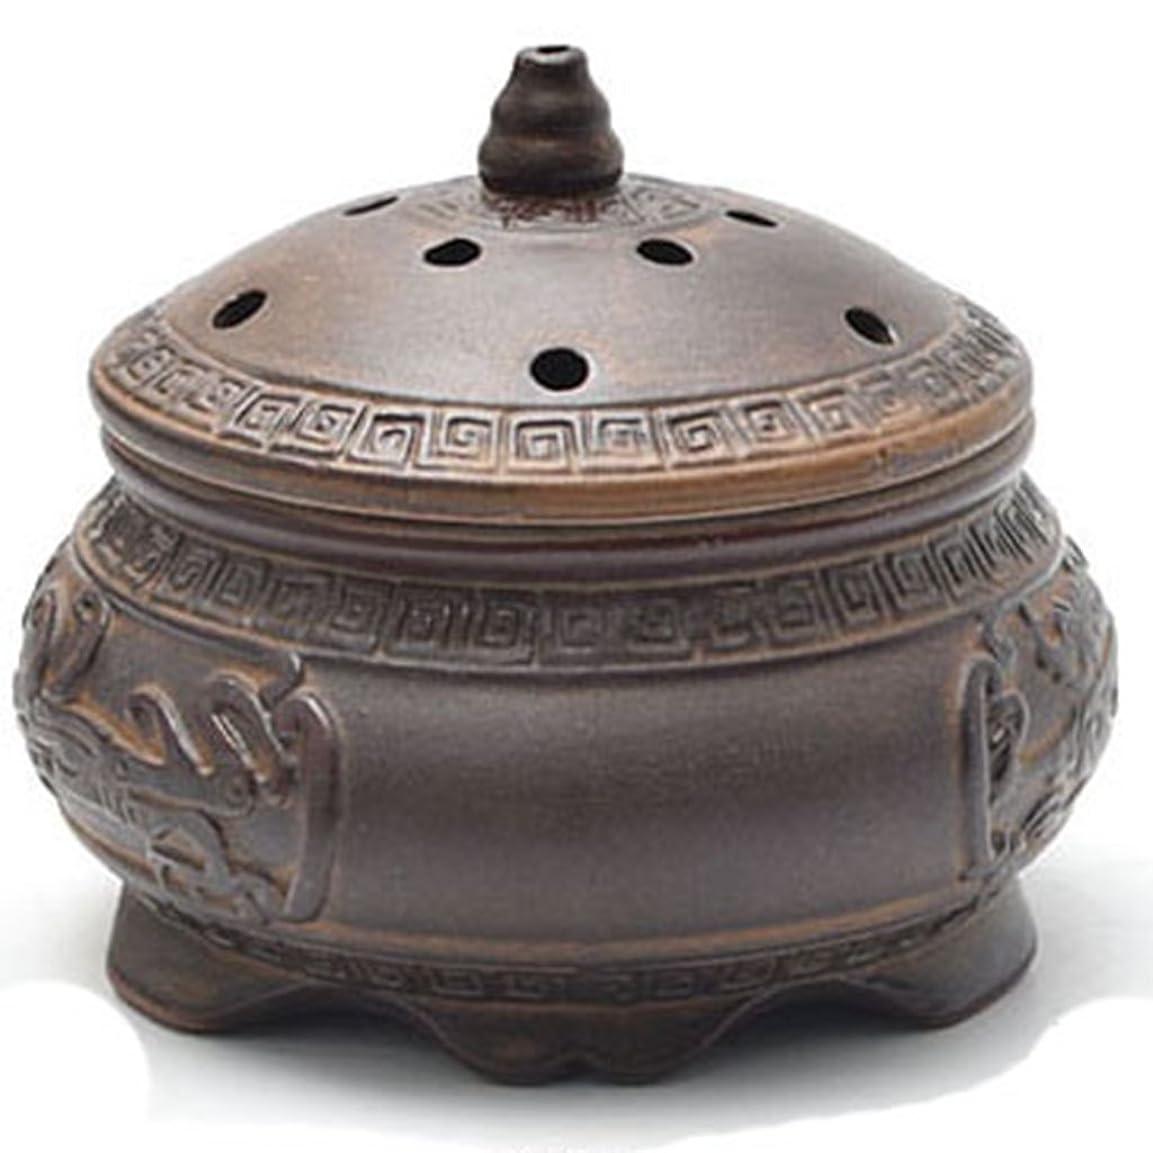 検索エンジン最適化サバント人形(ラシューバー) Lasuiveur 香炉 線香立て 香立て 職人さんの手作り 茶道用品 おしゃれ